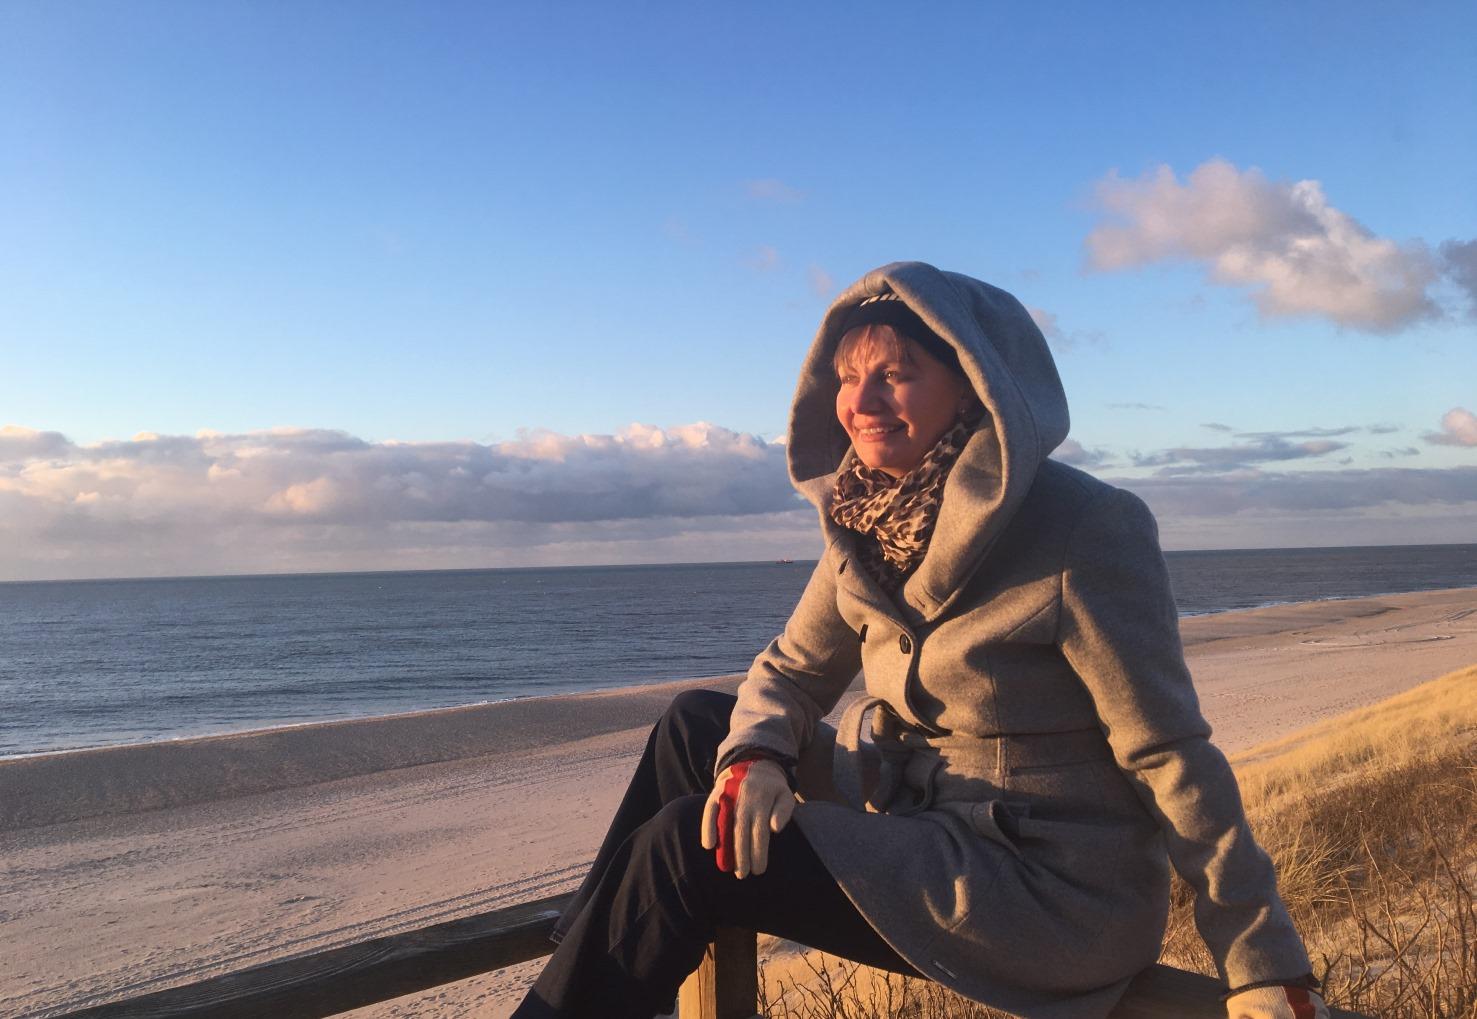 Blickwinkel sylt strand nordsee